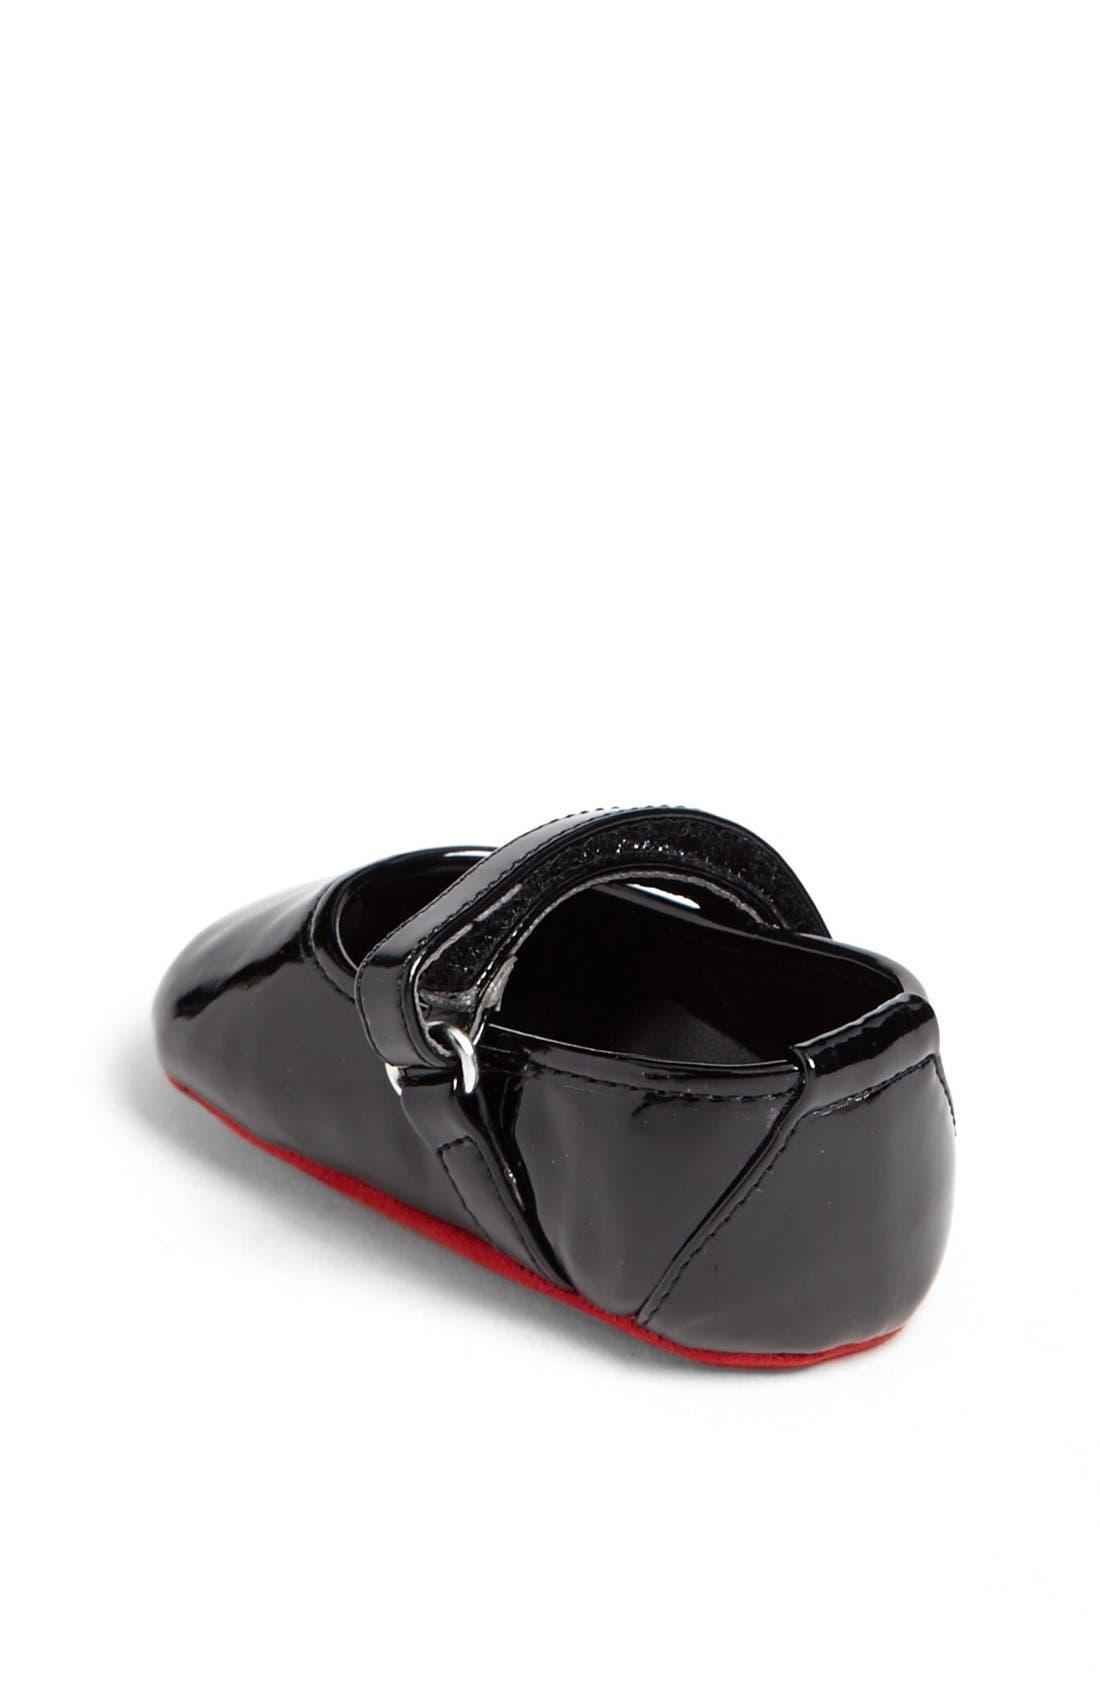 Alternate Image 2  - Stuart Weitzman 'Baby Caviar' Patent Crib Shoe (Baby)